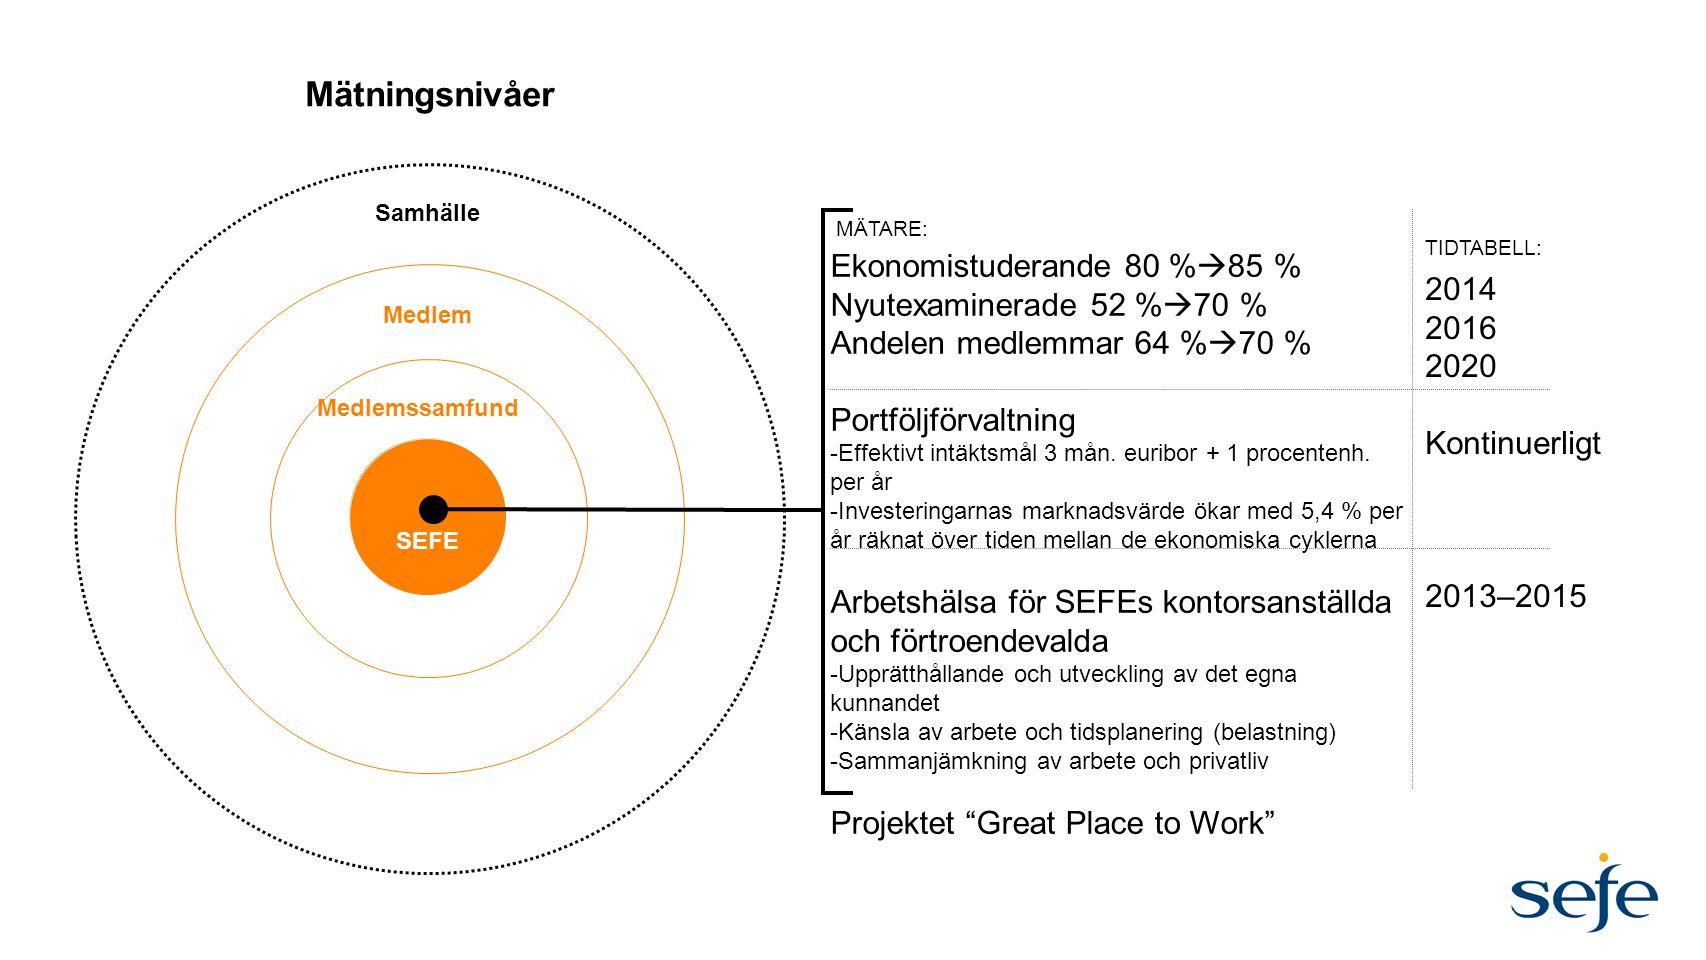 Mätningsnivåer SEFE Medlem Samhälle Ekonomistuderande 80 %  85 % Nyutexaminerade 52 %  70 % Andelen medlemmar 64 %  70 % Portföljförvaltning -Effek